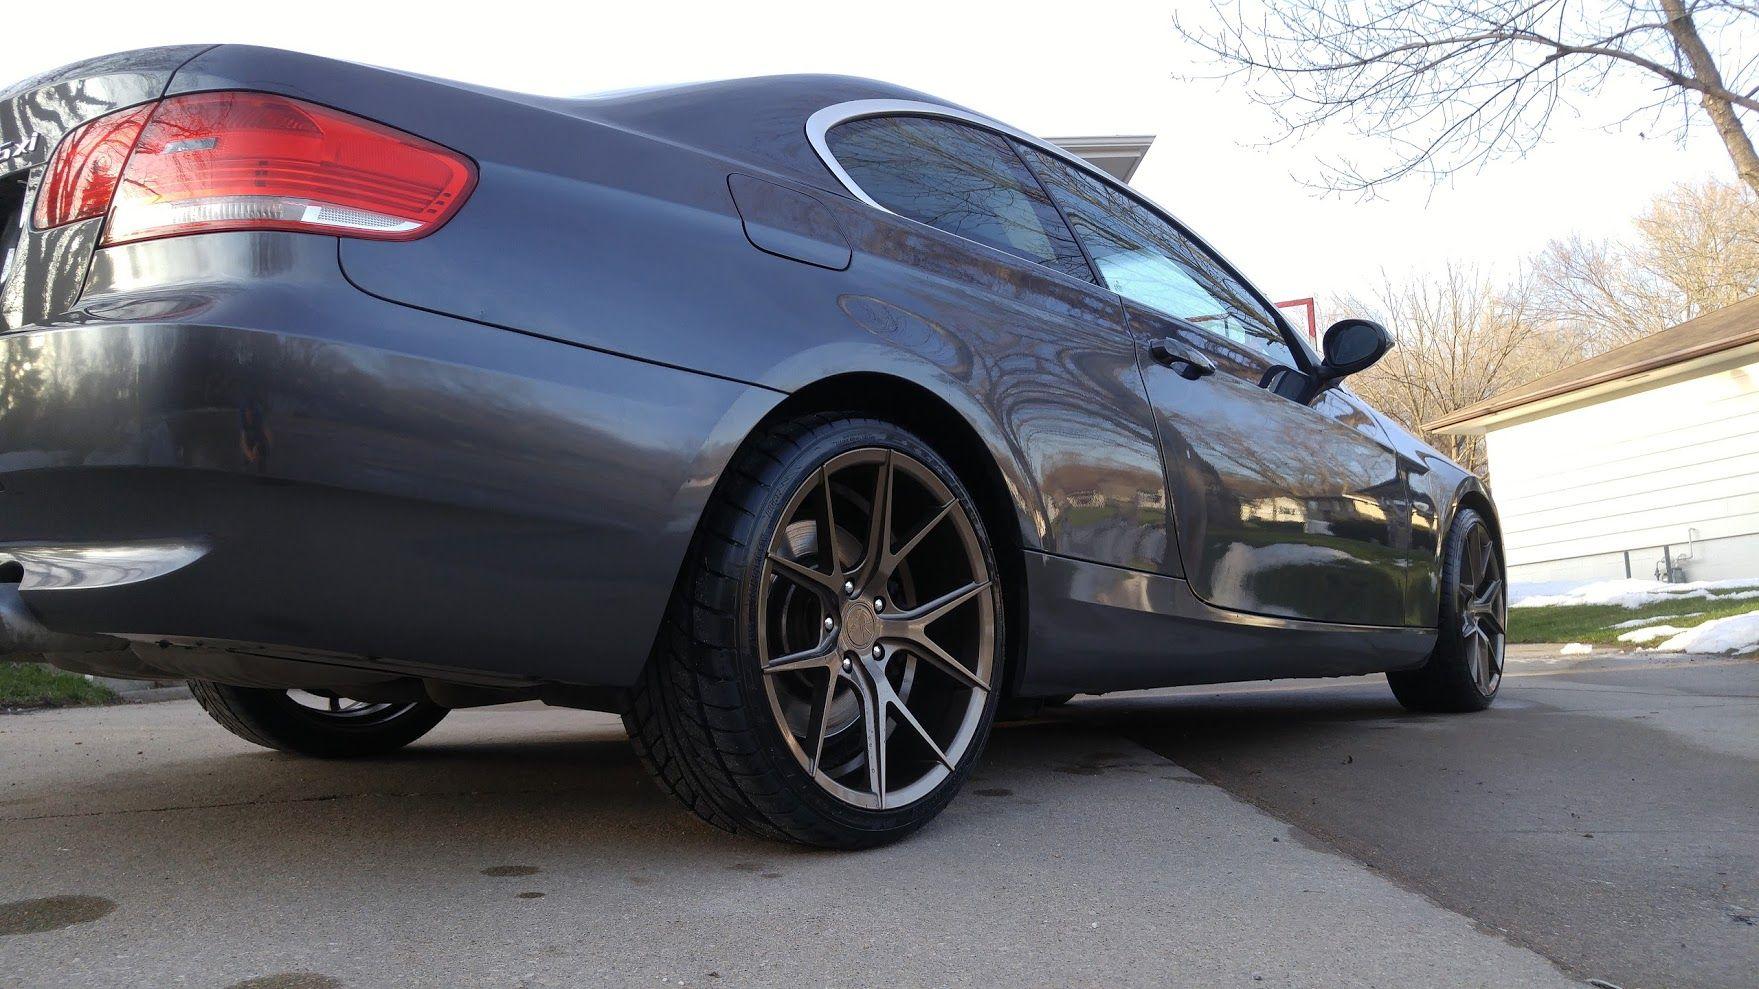 08 bmw 335xi wheels